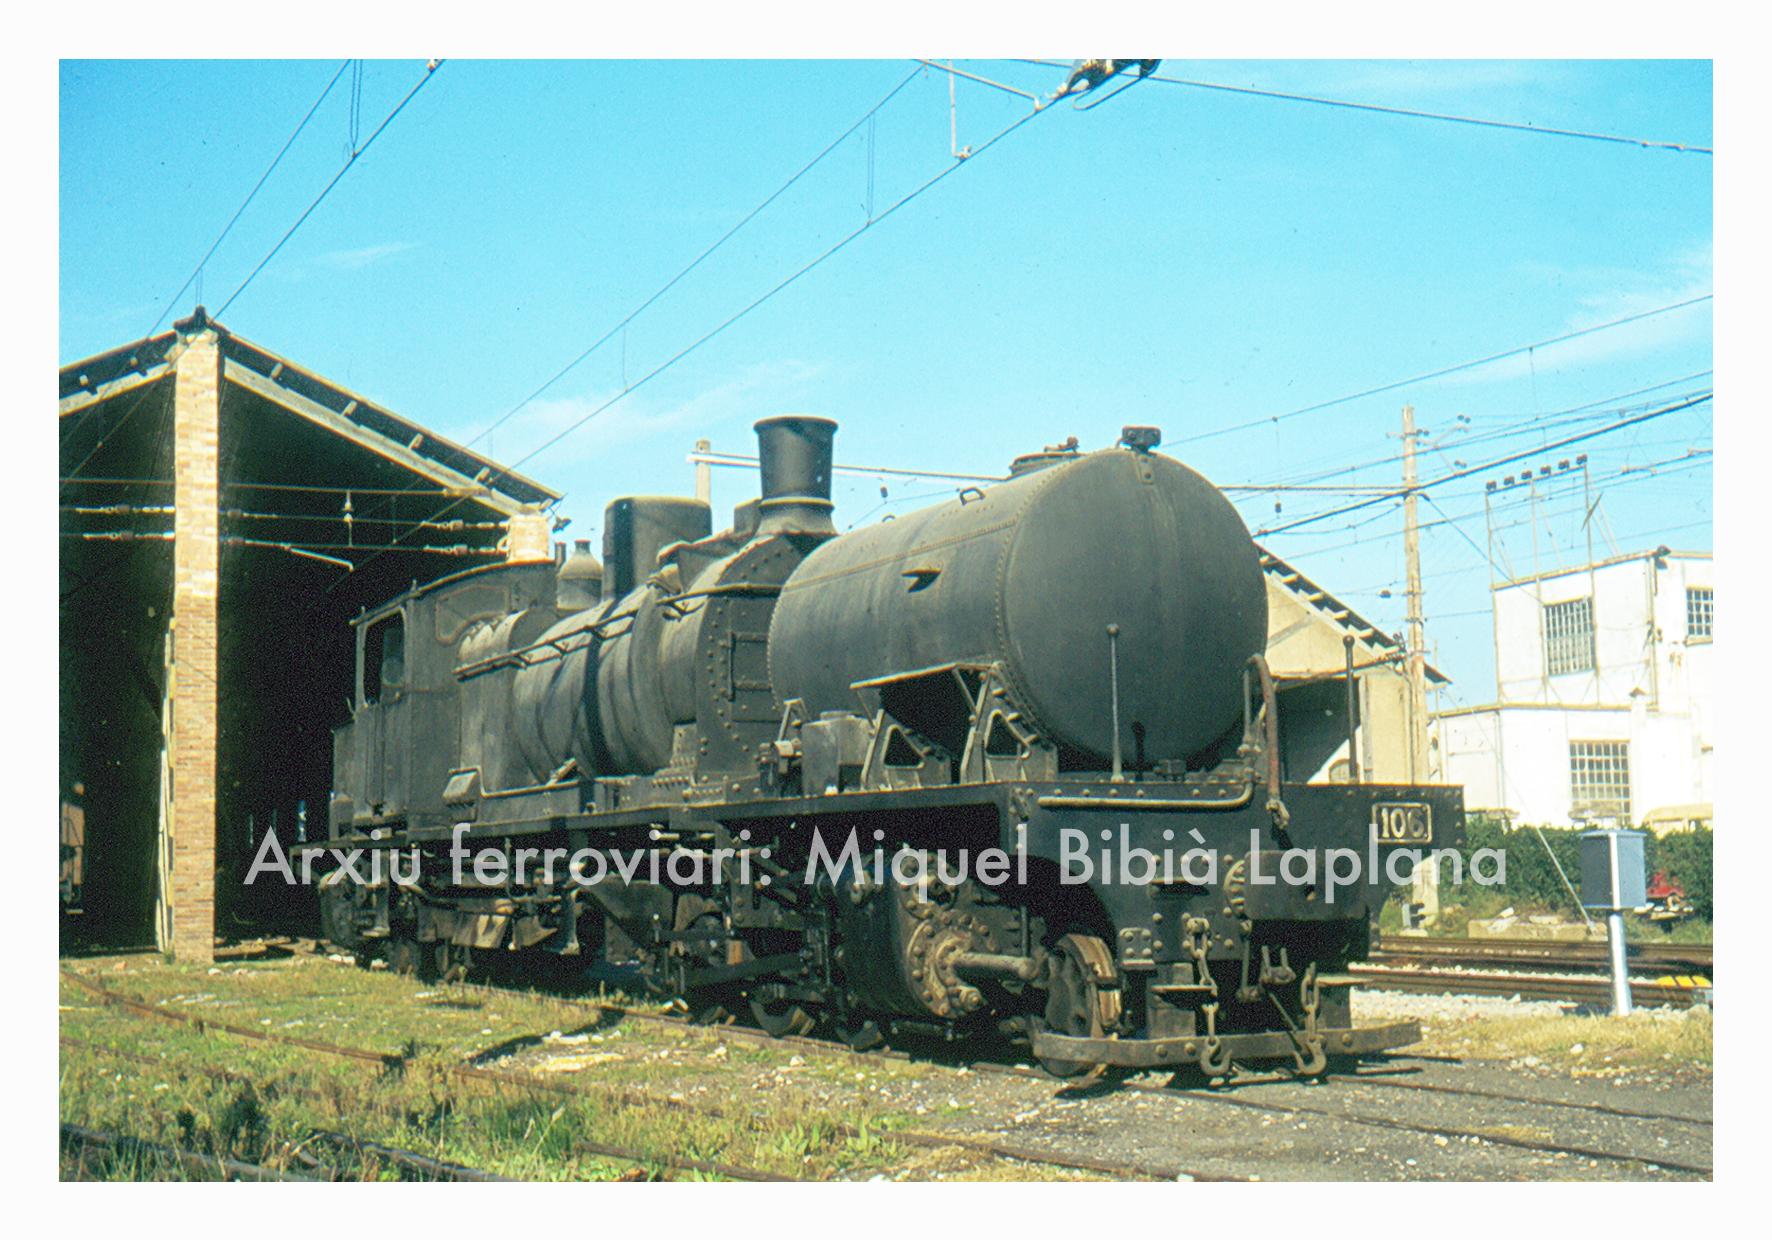 12.10.2013 Ferrocarrils catalans. (Font: diapositiva)  La Garrat 106 a Sant Boi -  Miquel Bibià Laplana